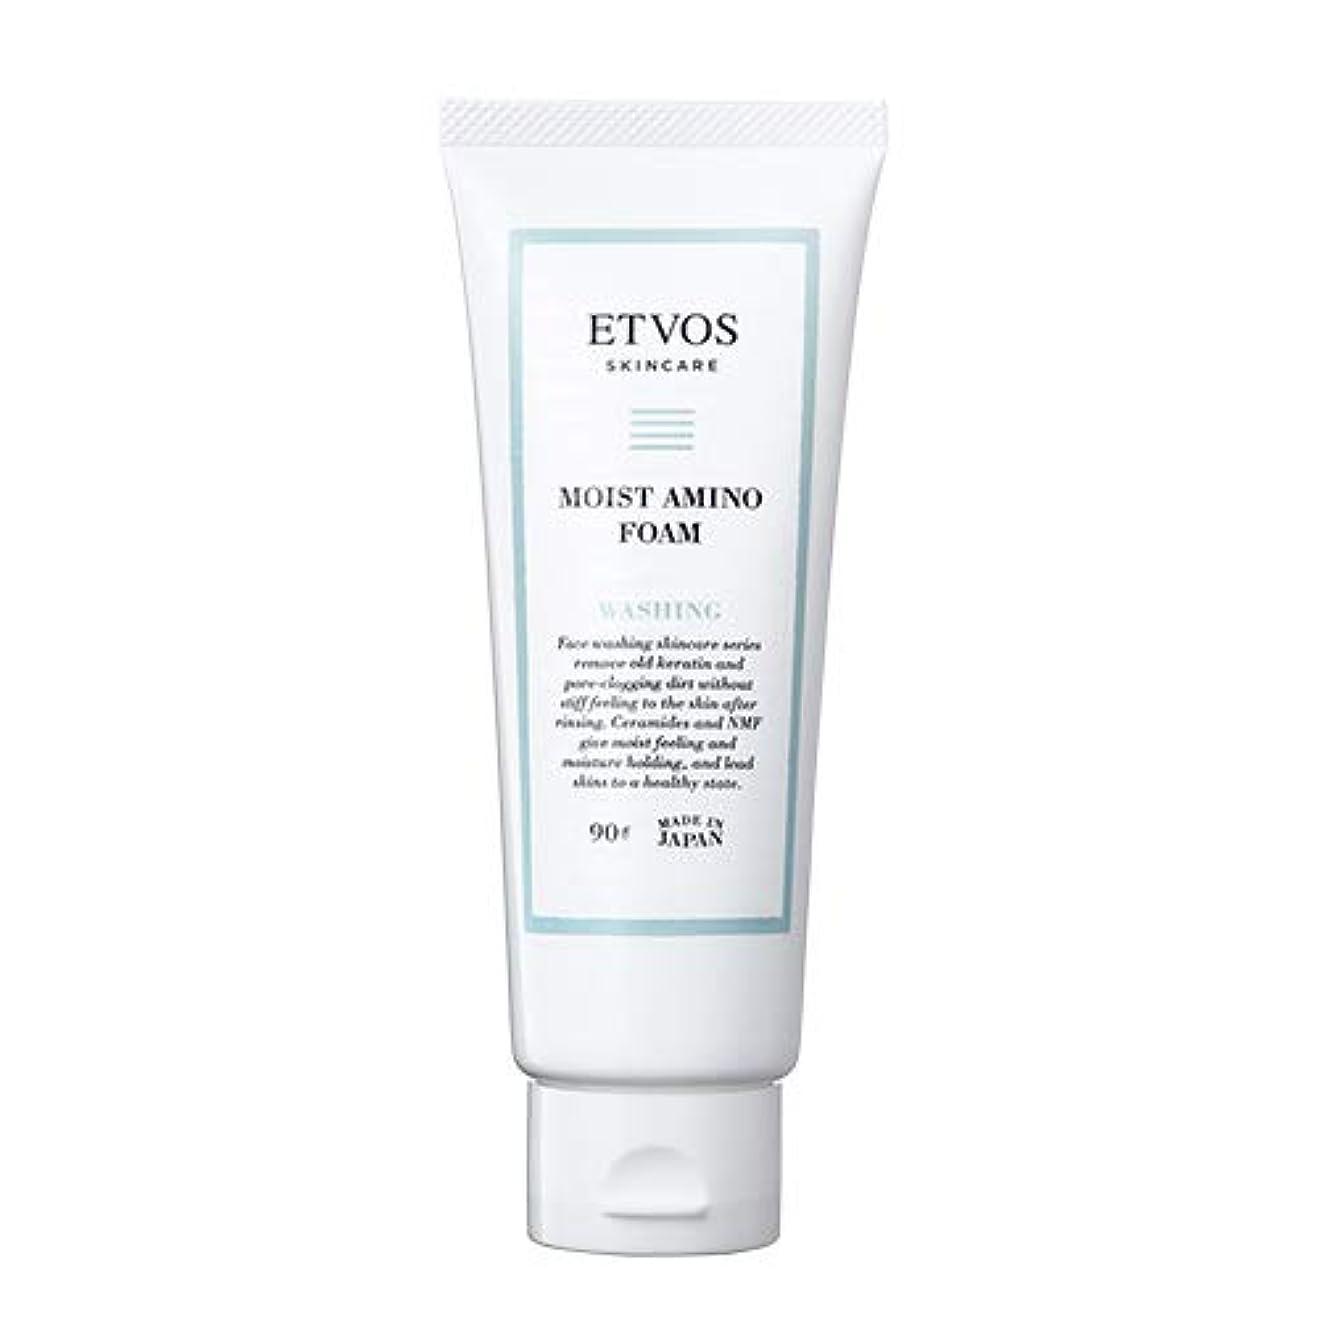 メロドラマティック神聖黒板ETVOS(エトヴォス) 洗顔フォーム モイストアミノフォーム 90g ヒト型セラミド アミノ酸系 乾燥肌/敏感肌